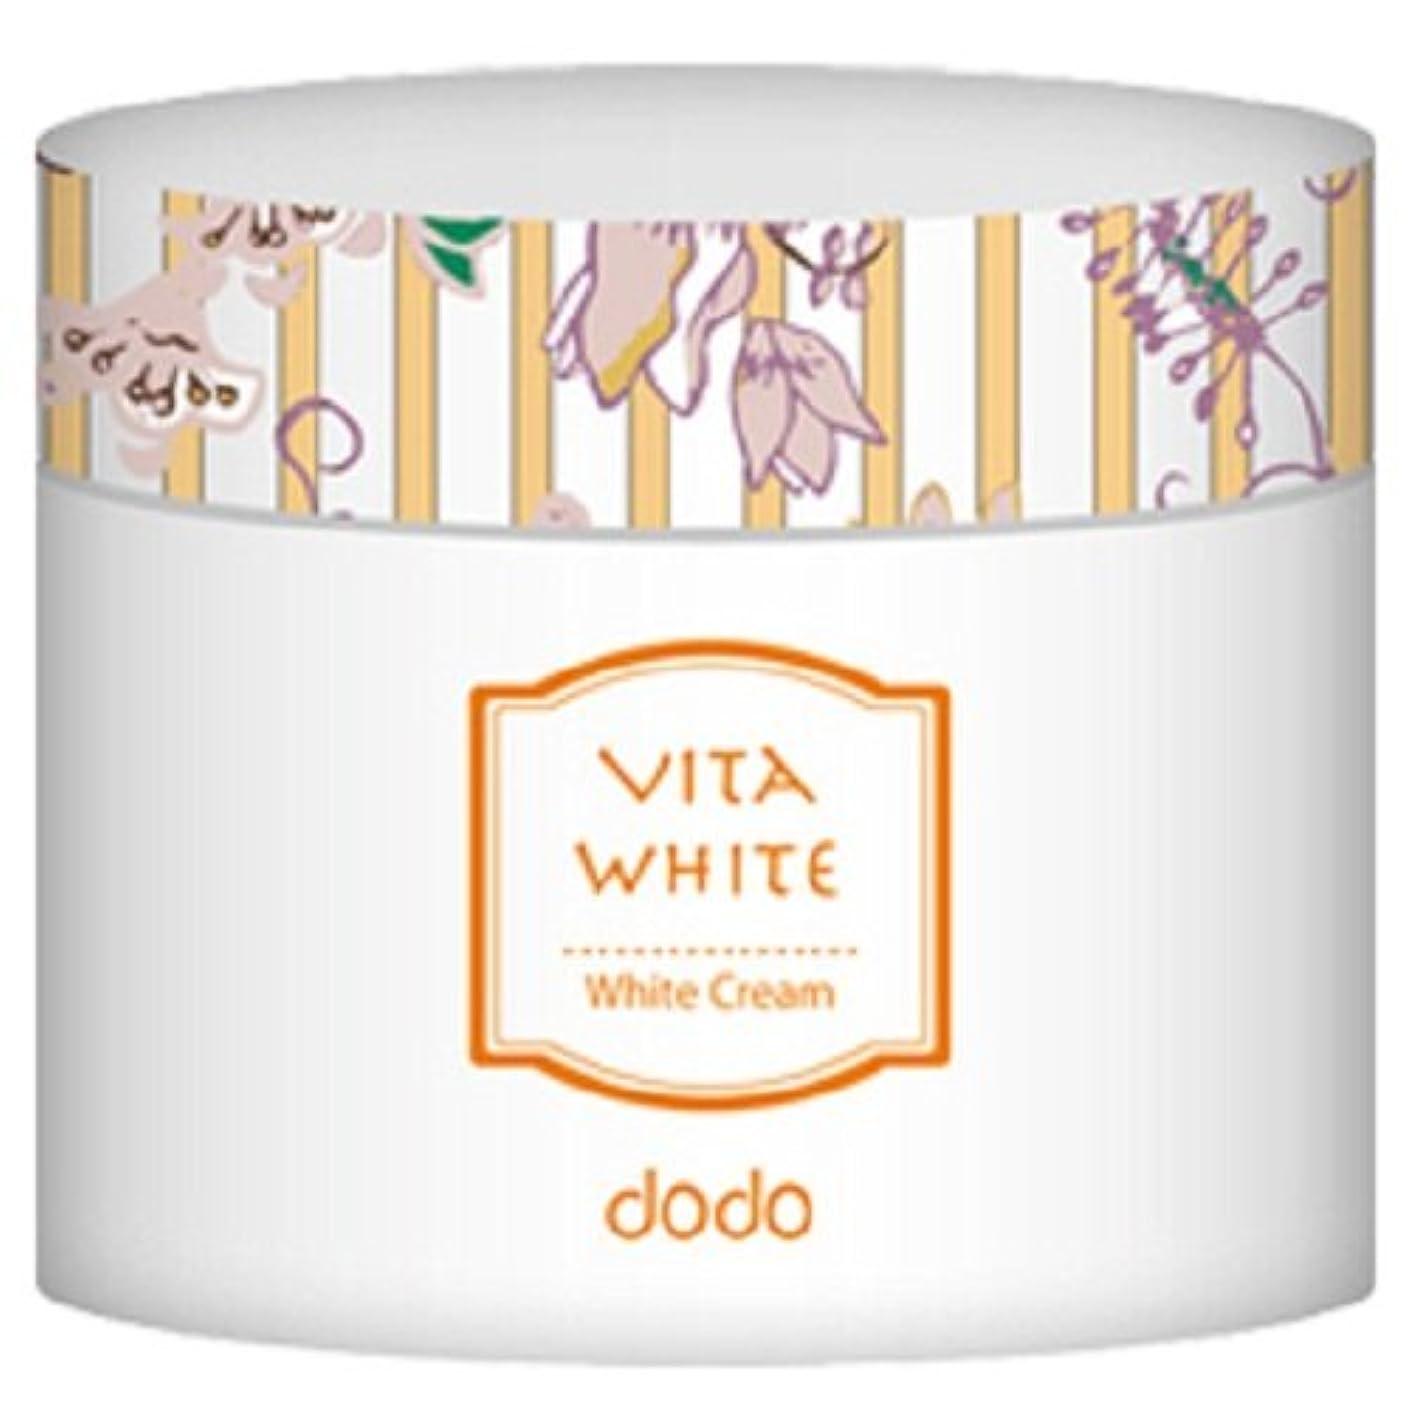 妊娠した指導する注釈を付けるドドスキンケア ビタホワイト クリーム